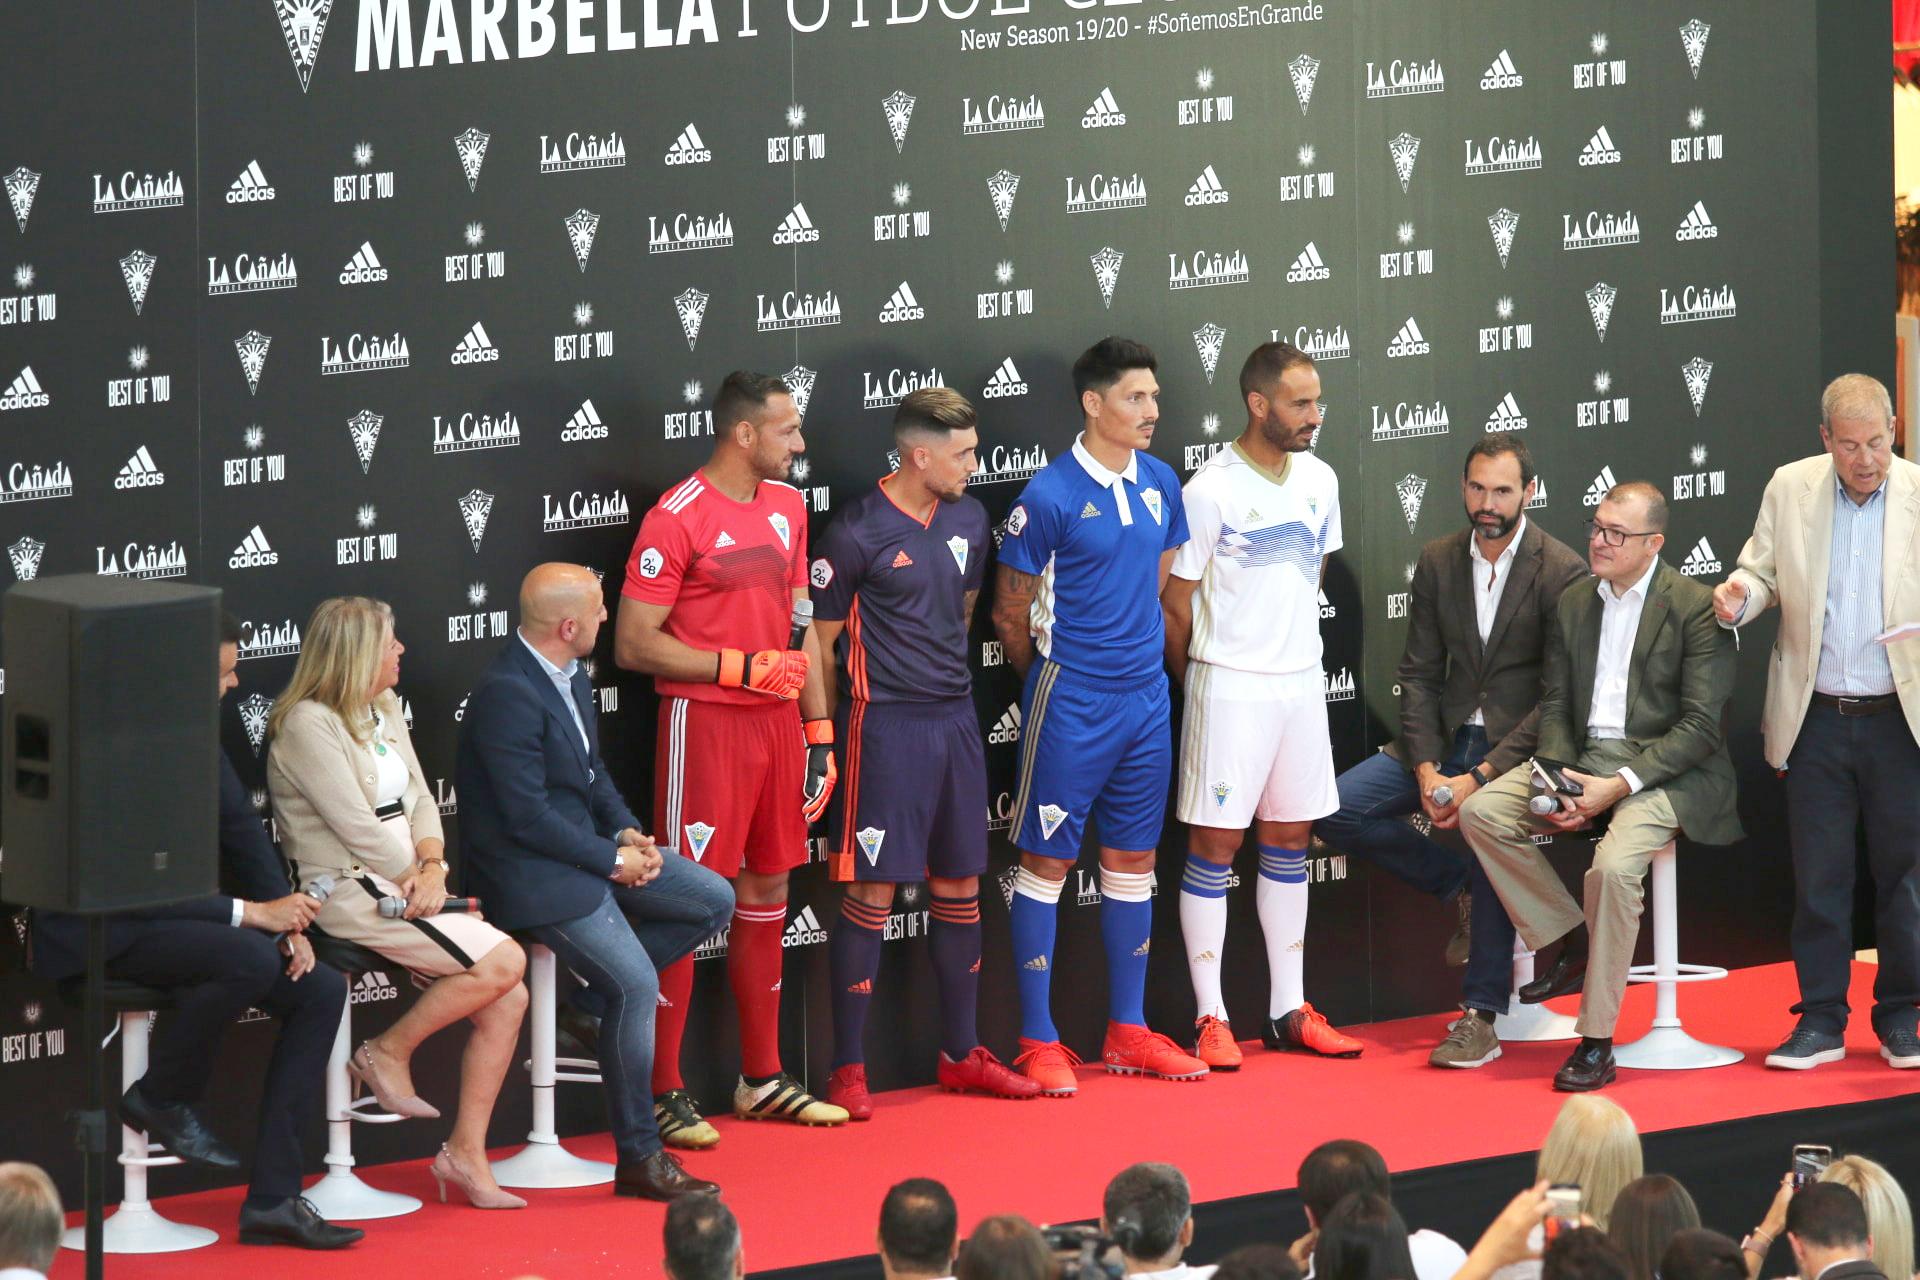 El Marbella F.C. presenta sus nuevas equipaciones para la próxima temporada